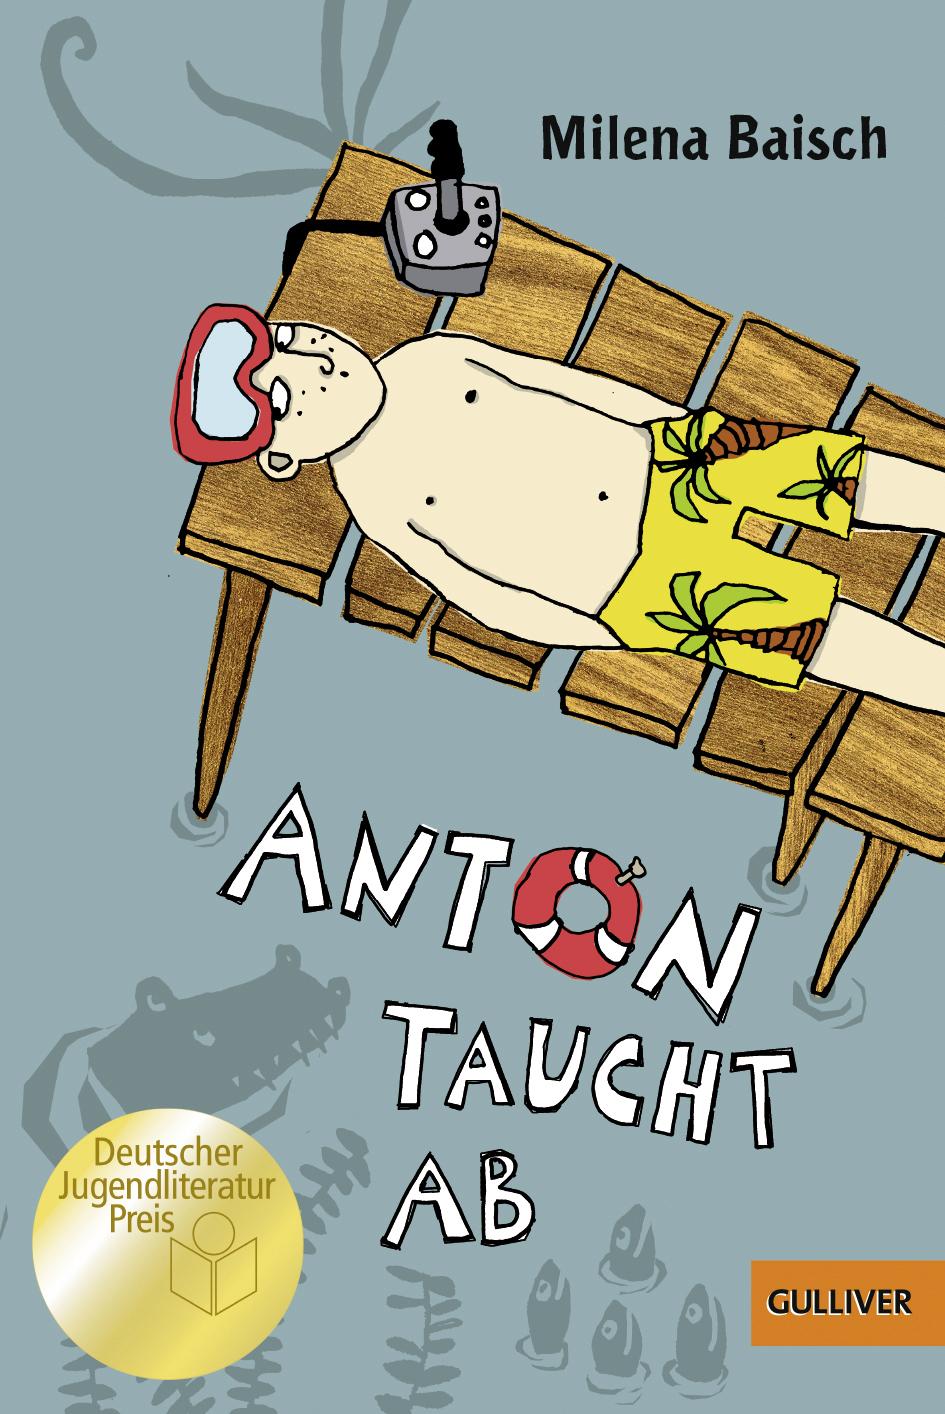 Anton taucht ab (Milena Baisch)